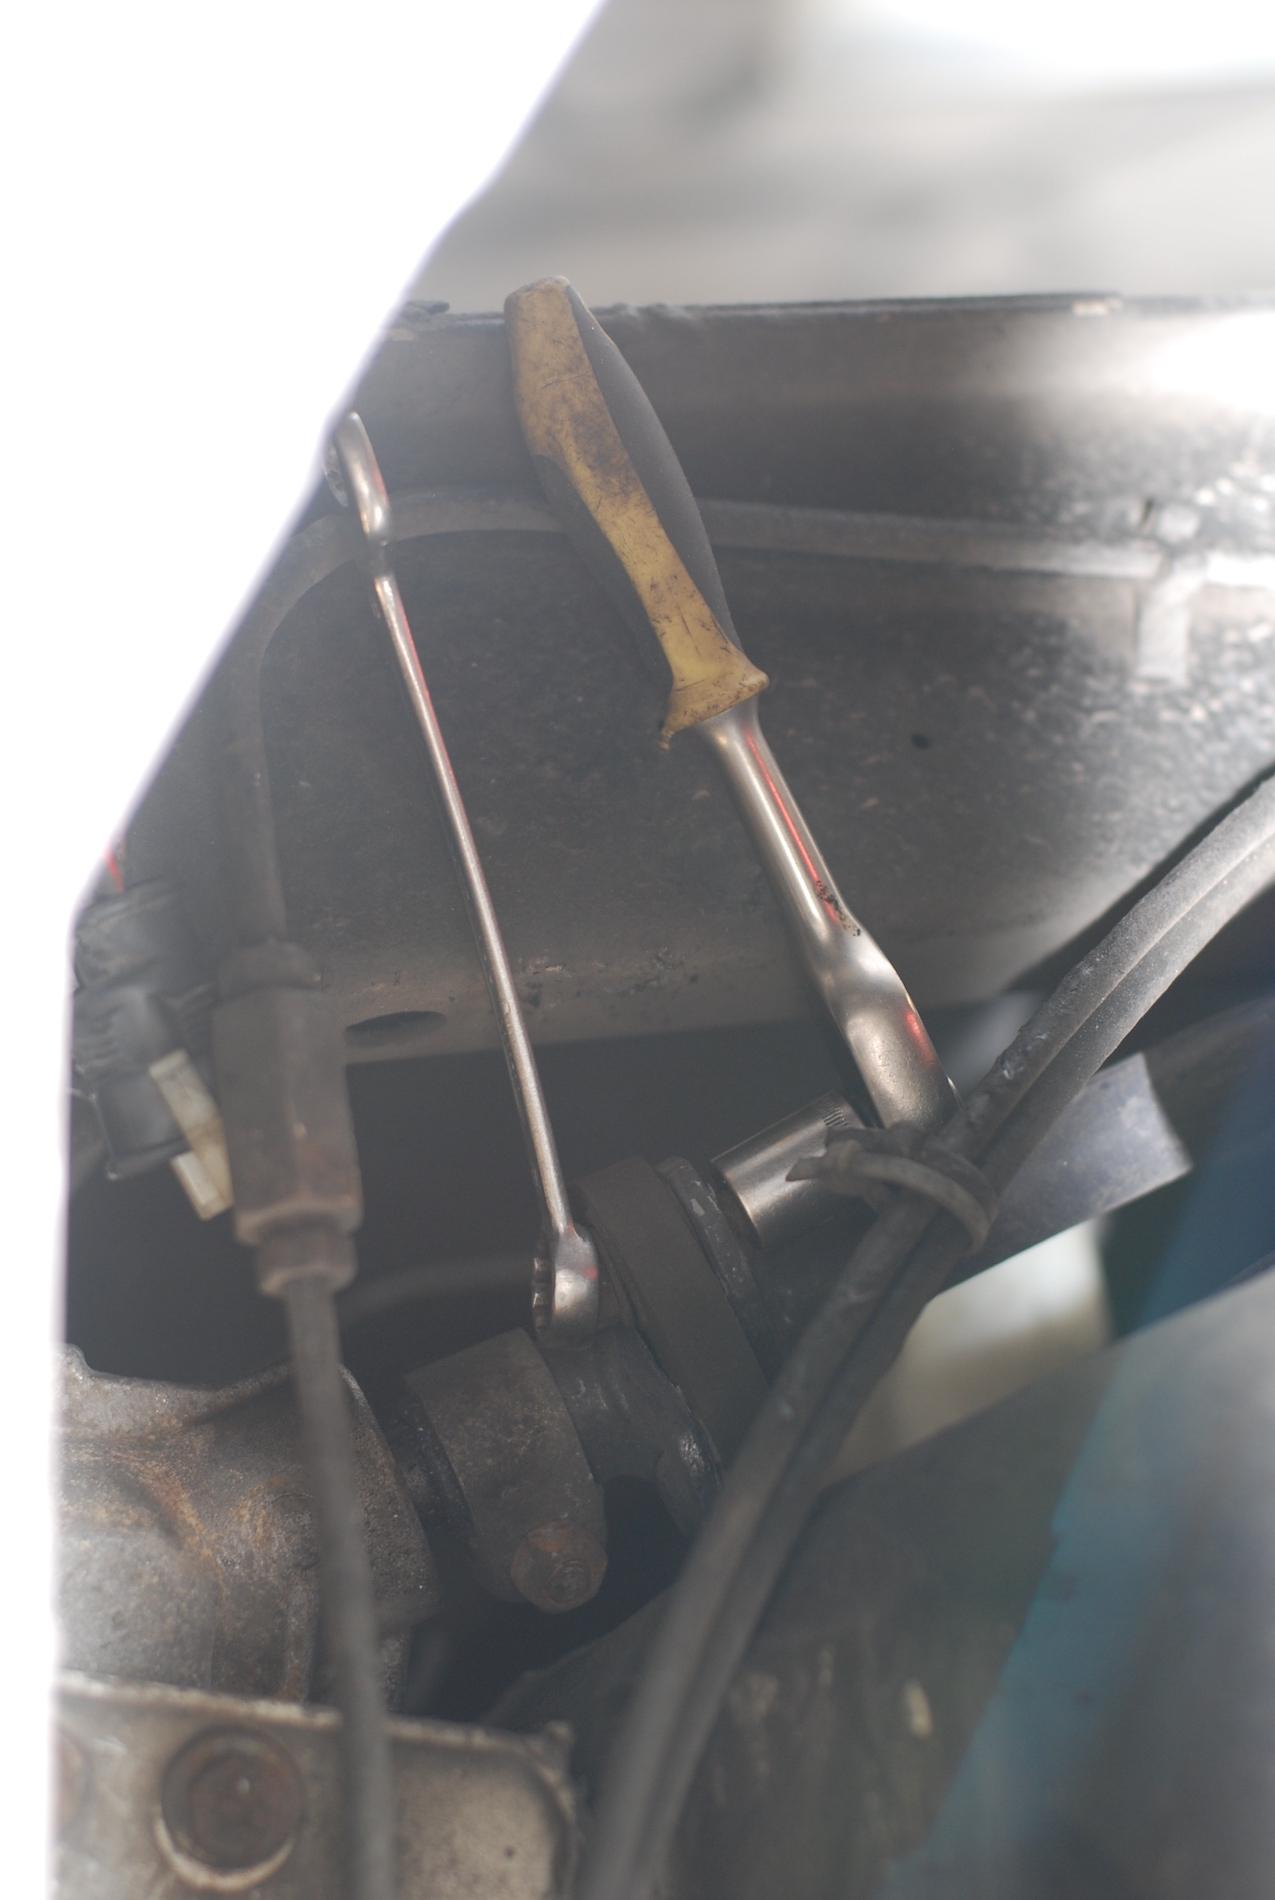 Om de hardy-schijven te vernieuwen,dient de stuurstang te worden verwijderd